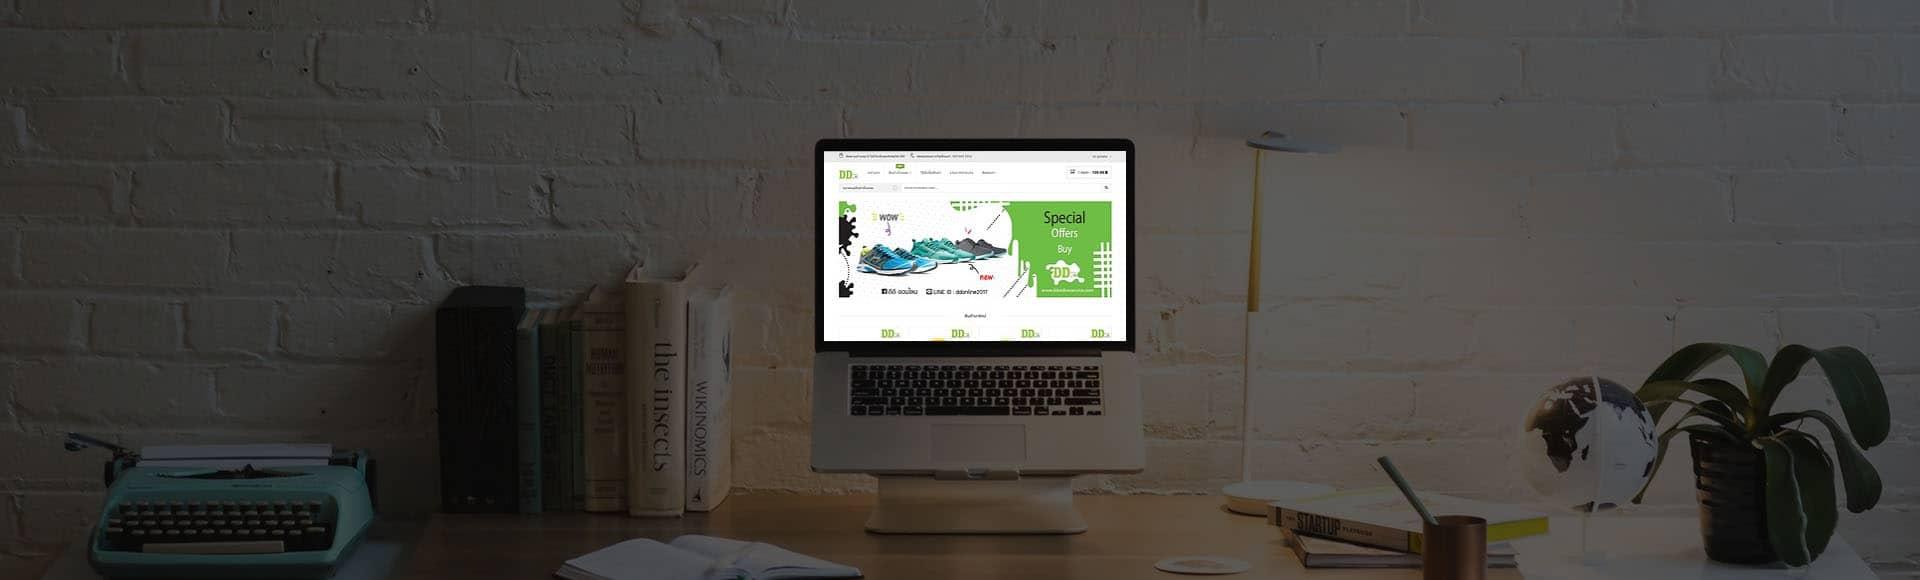 ผลงานทำเว็บไซต์ DD online service | รับทำเว็บไซต์ e-commerce